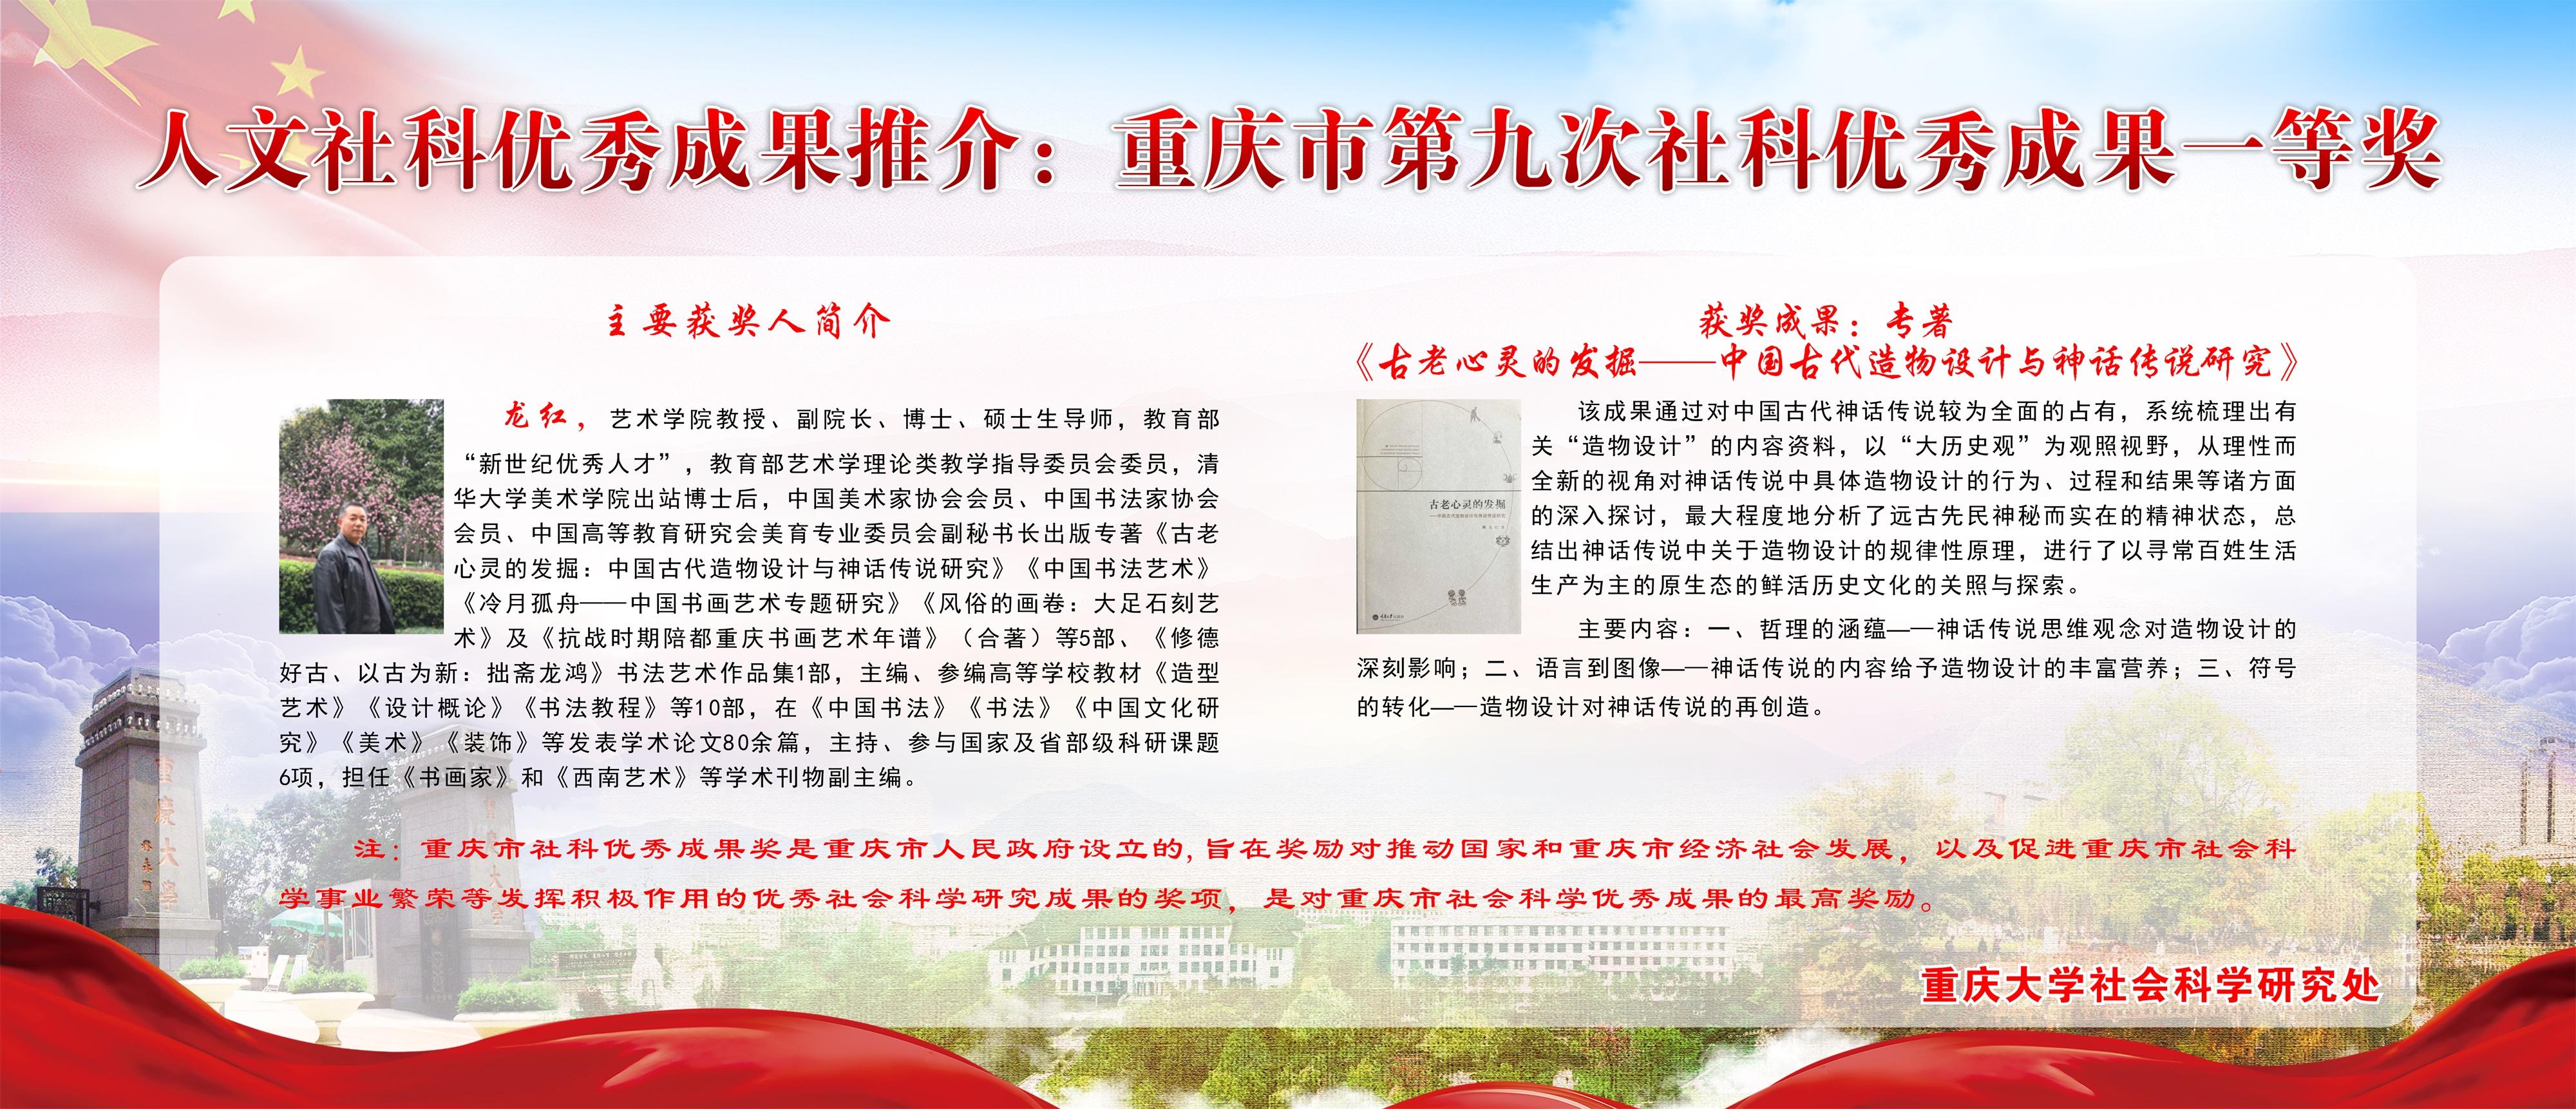 两江新区管委会网站_重庆大学社会科学研究处